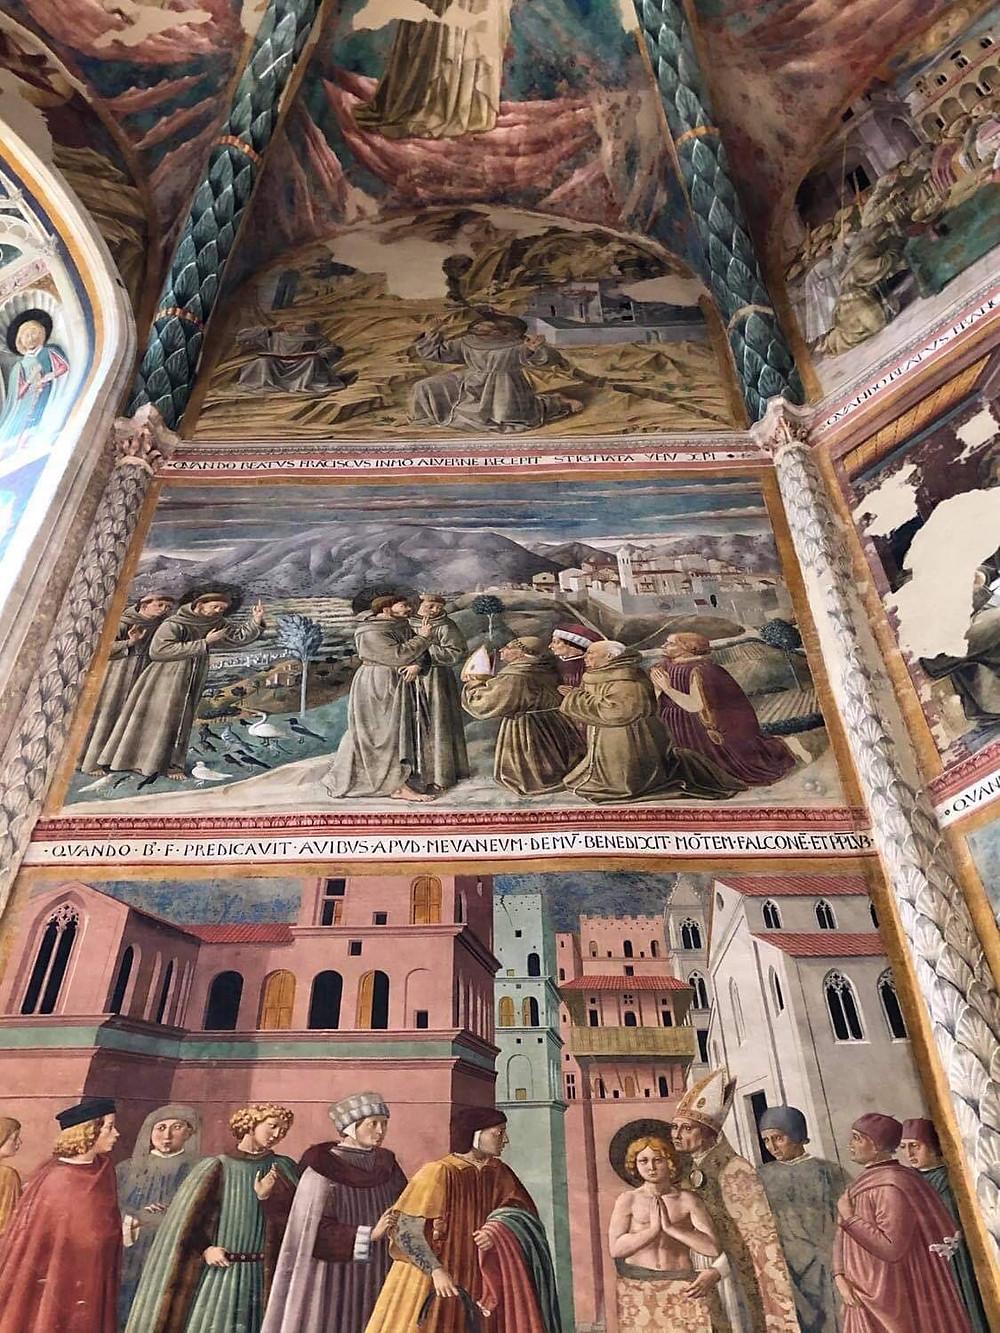 Benozzo Gozzoli mural paintings in Montefalco Umbria.